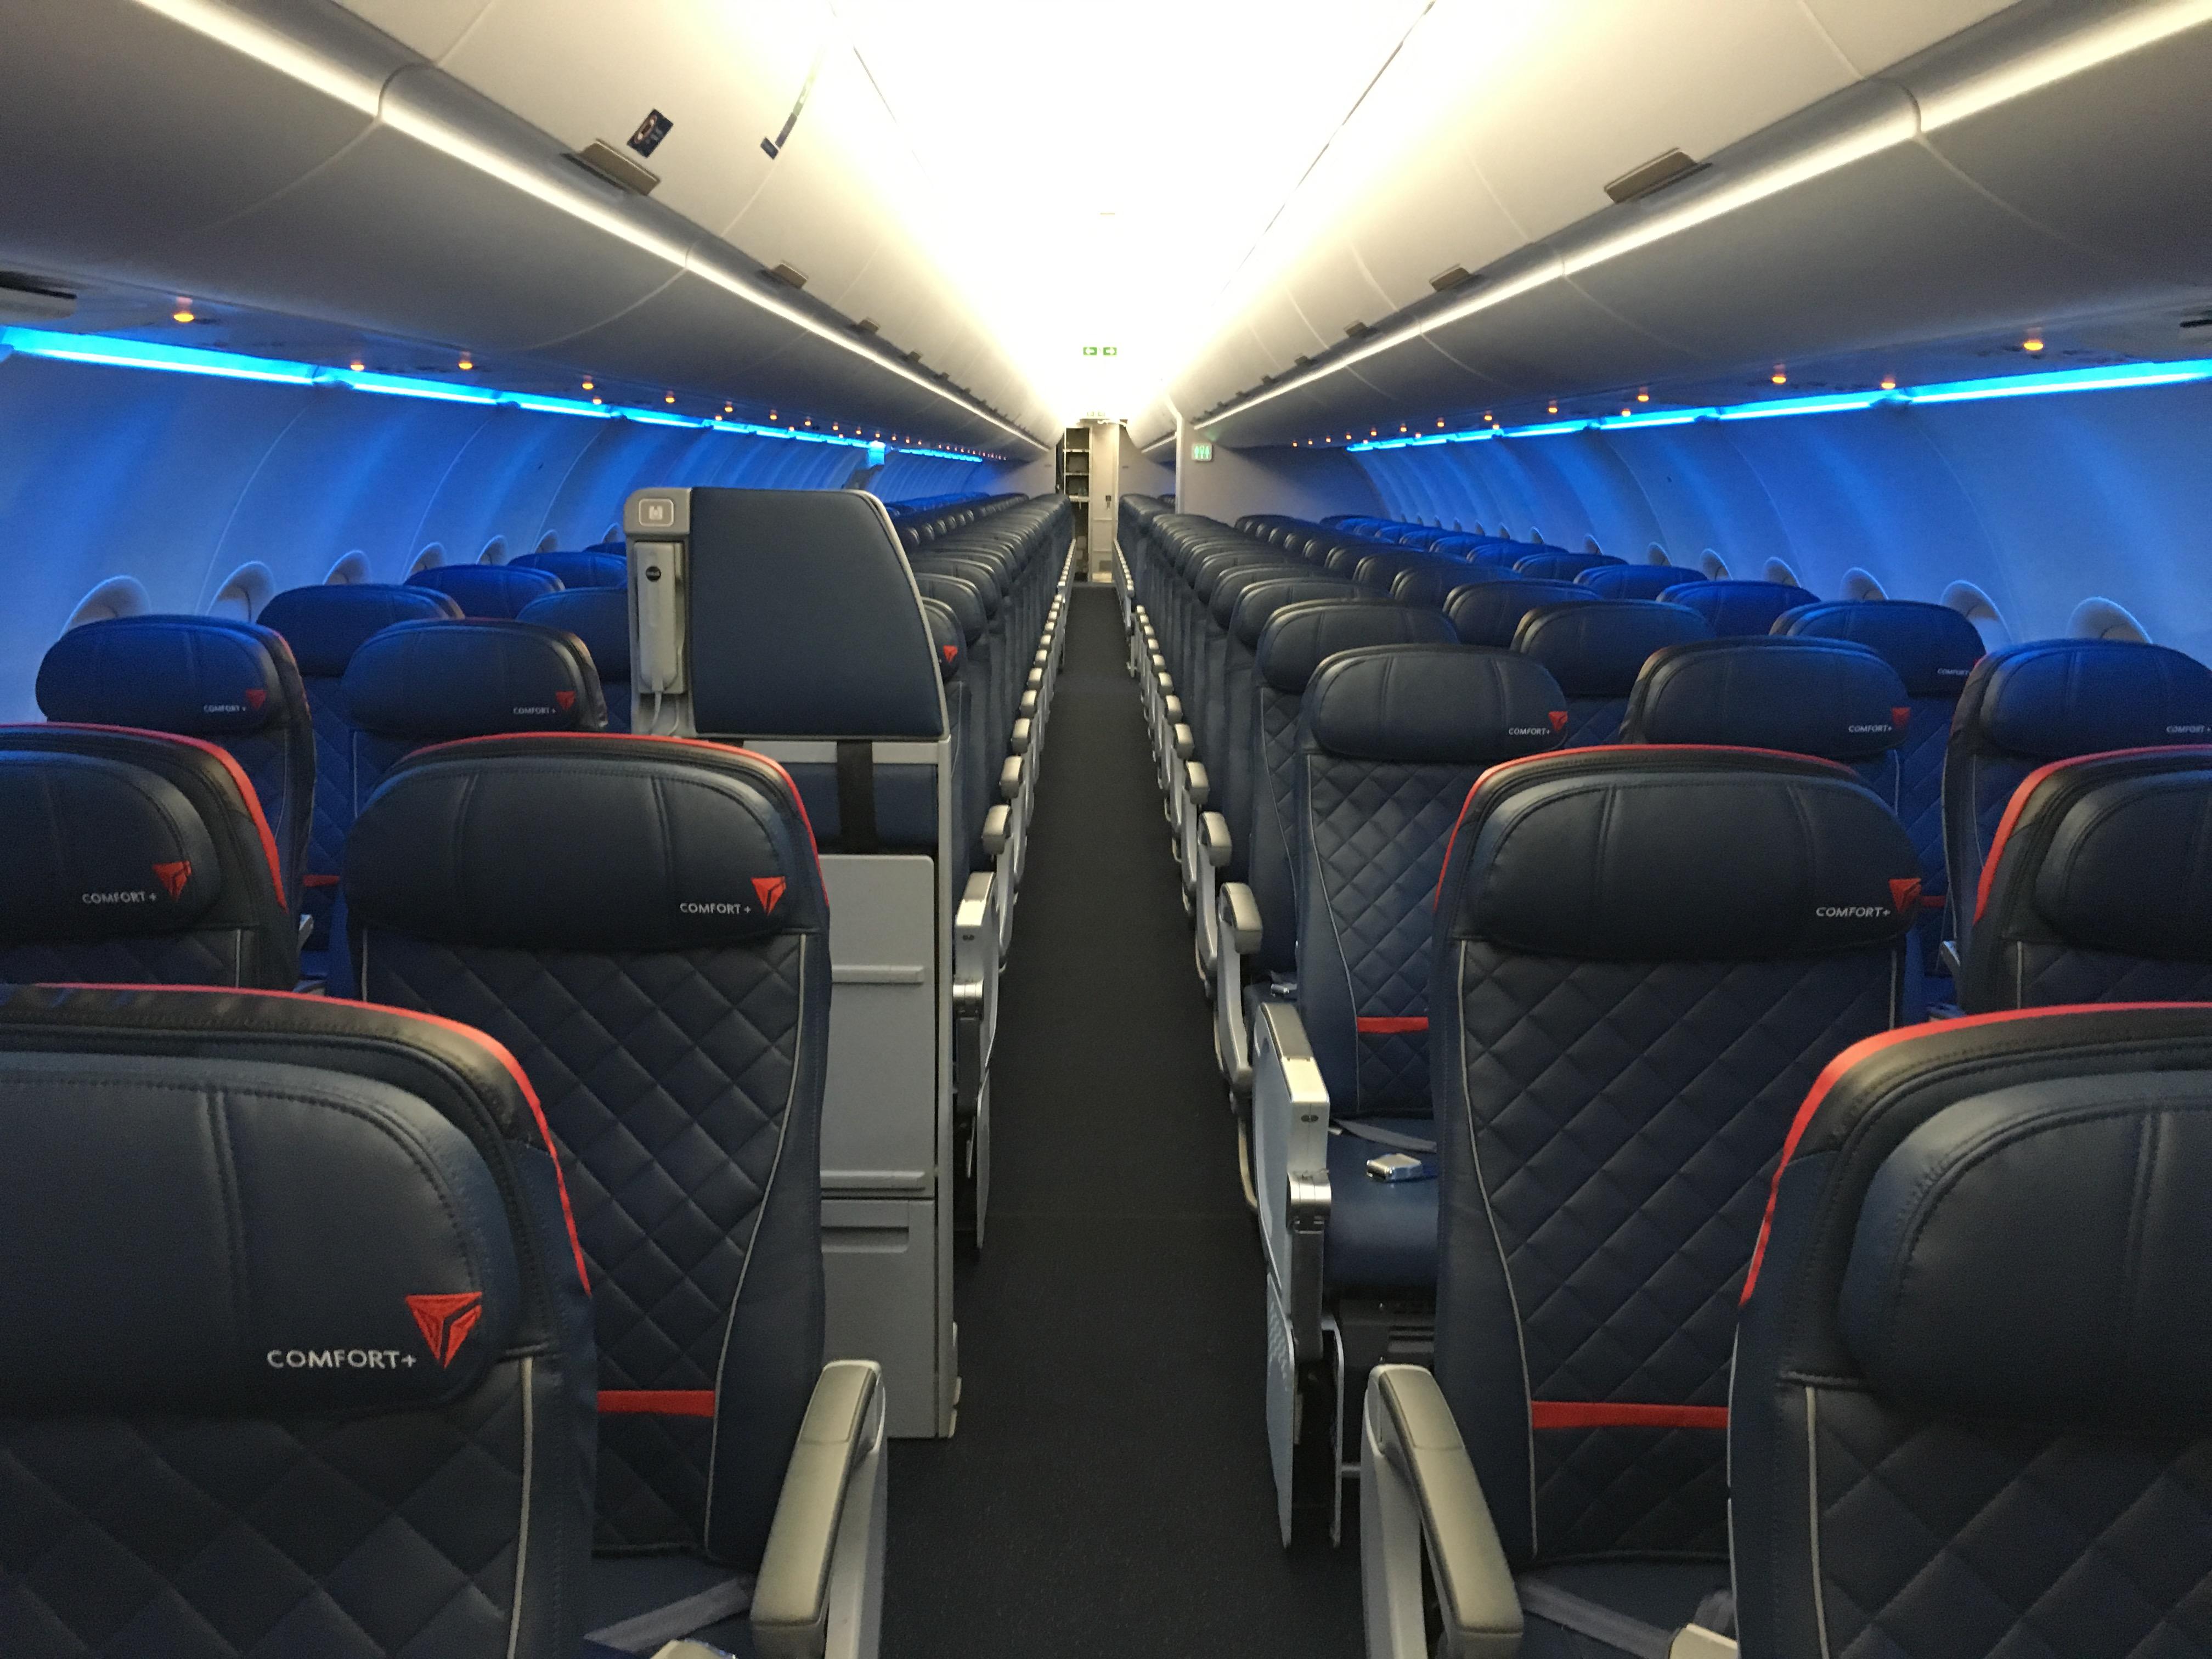 デルタ航空(DL)がステータスマッチ/チャレンジやってます(2018/7/12現在)